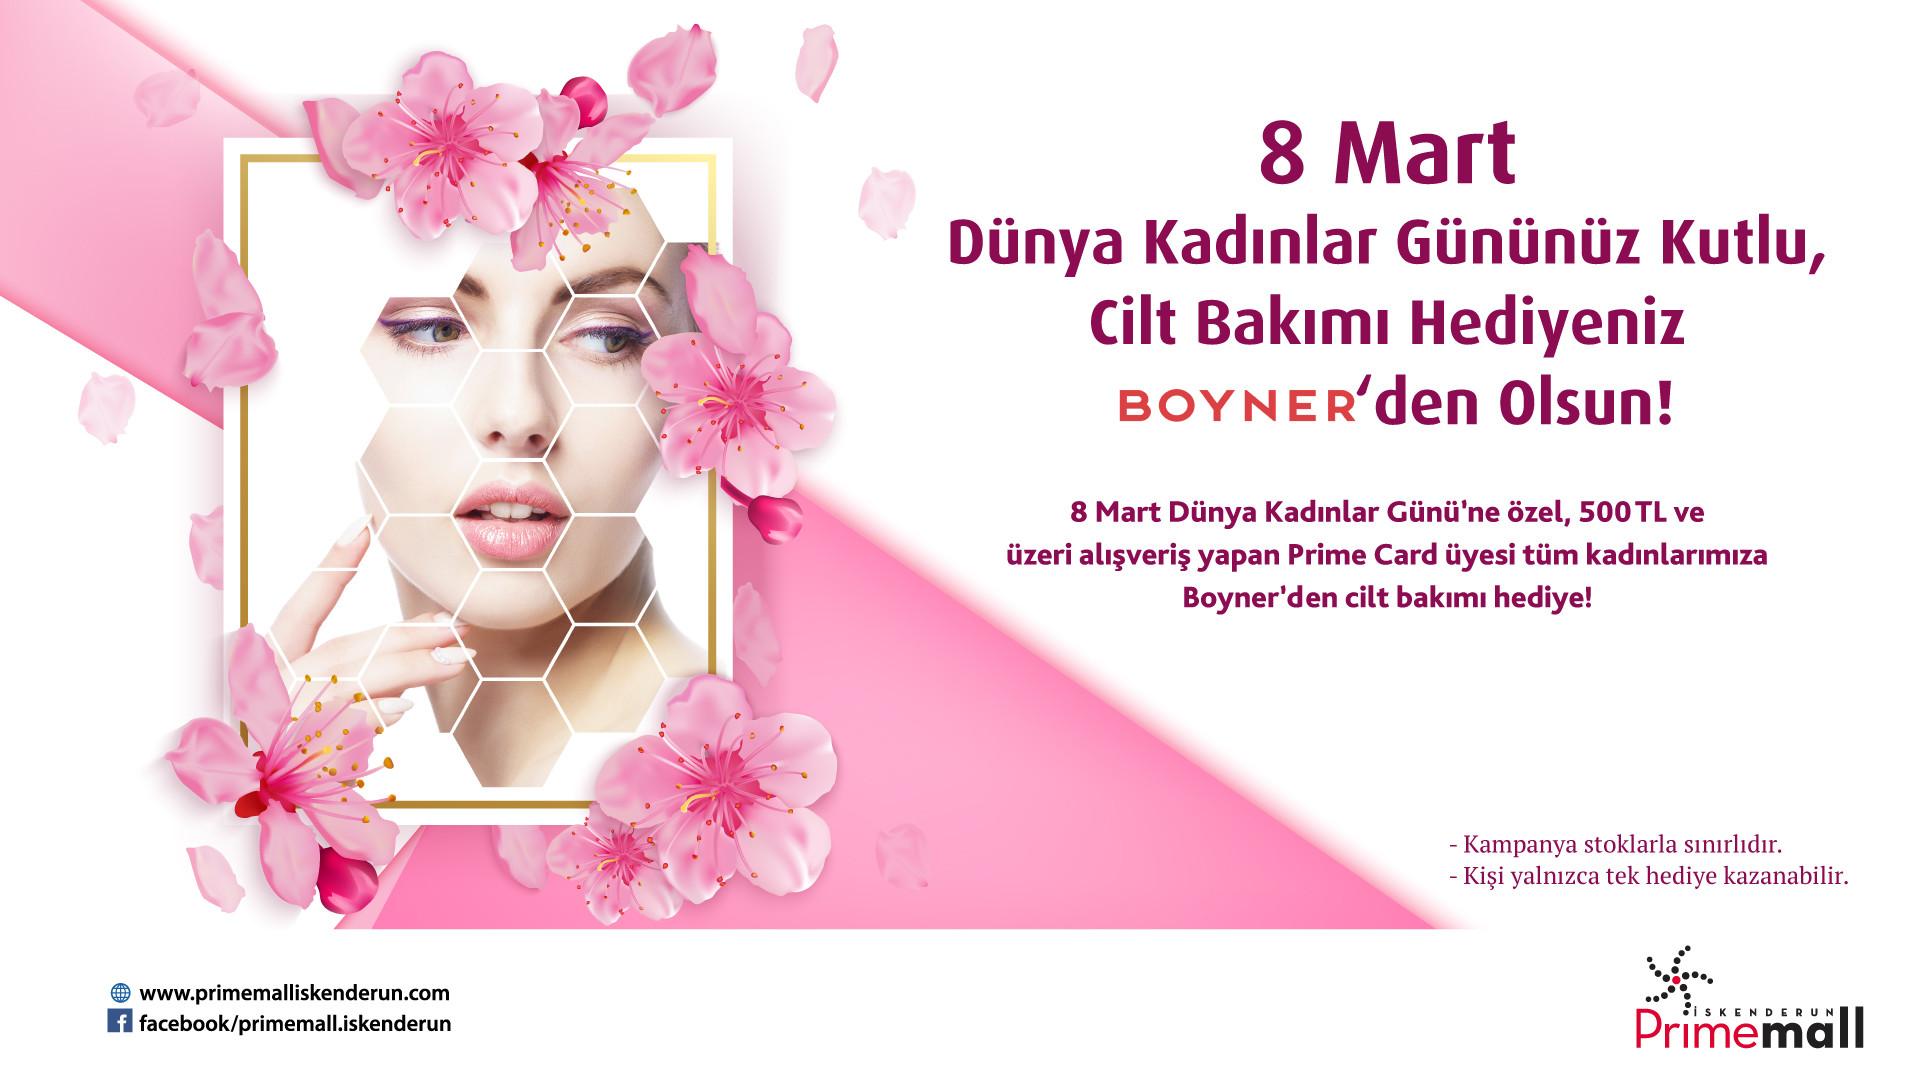 8 Mart Dünya Kadınlar Gününüz Kutlu, Cilt Bakımı Hediyeniz Boyner'den Olsun!